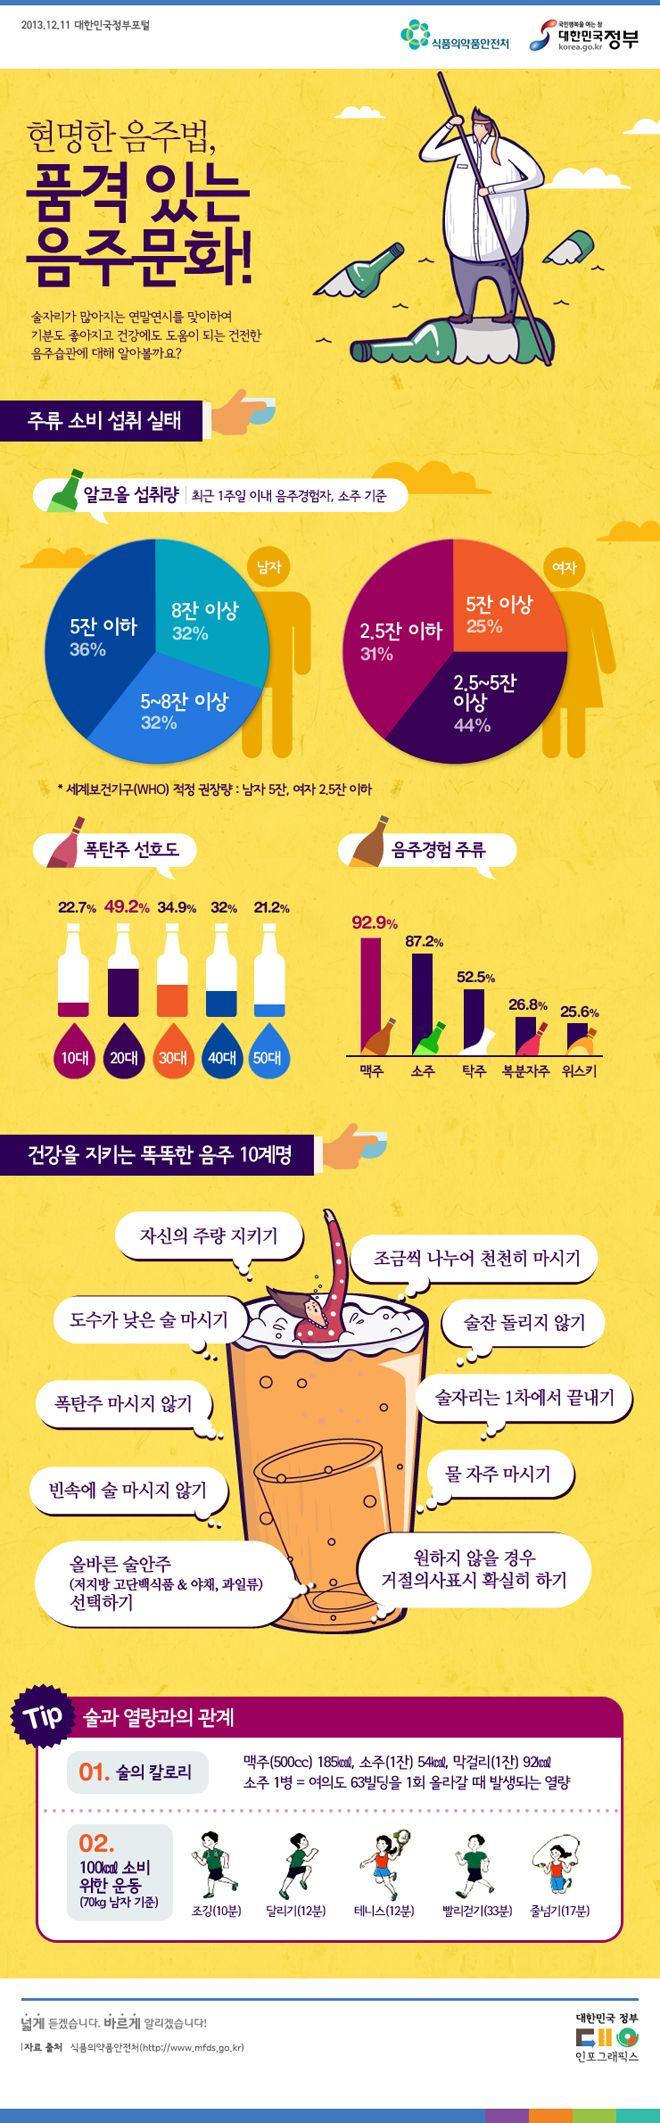 품격있는 음주문화 (출처: 대한민국 정부포털, 식품의약안전처)